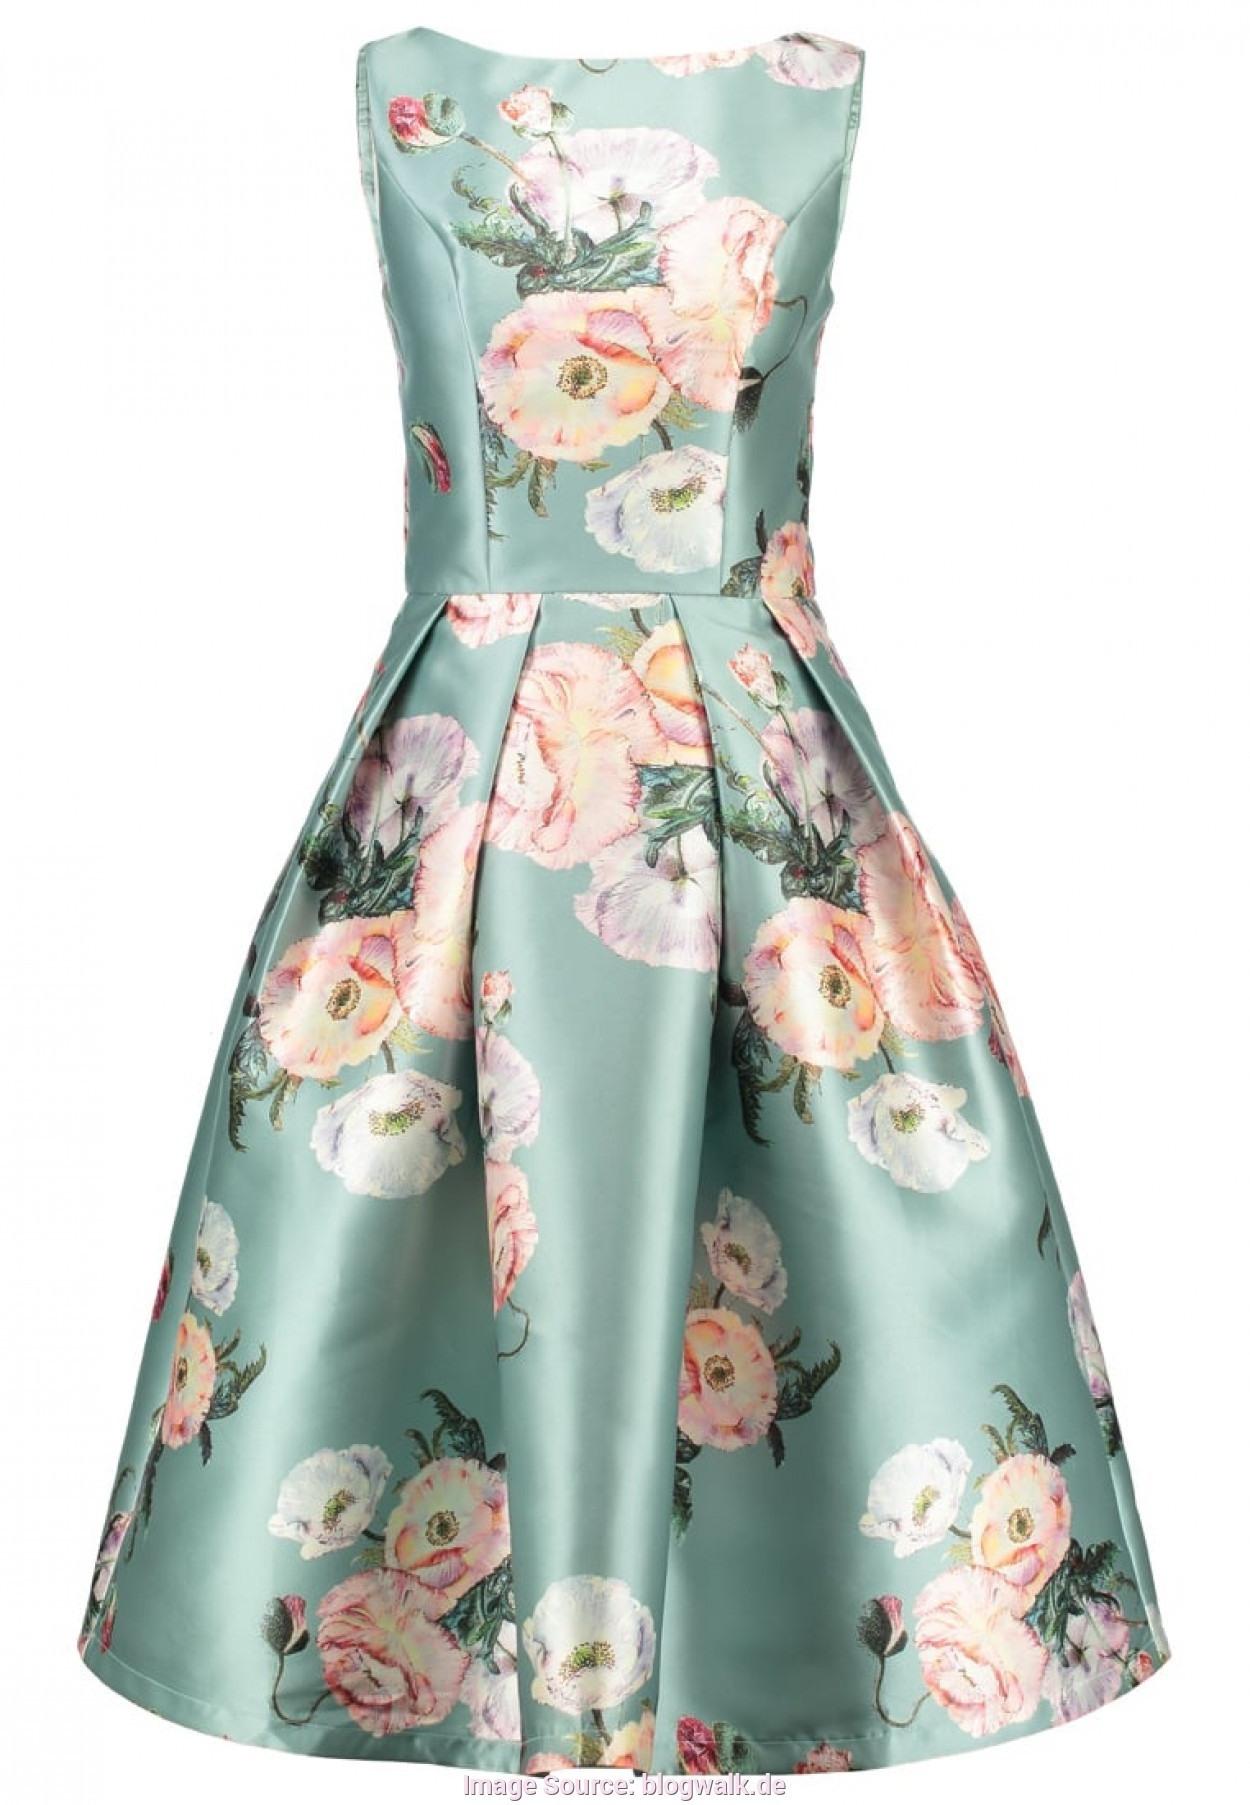 15 Top Kleid Festlich Grün ÄrmelAbend Cool Kleid Festlich Grün Bester Preis